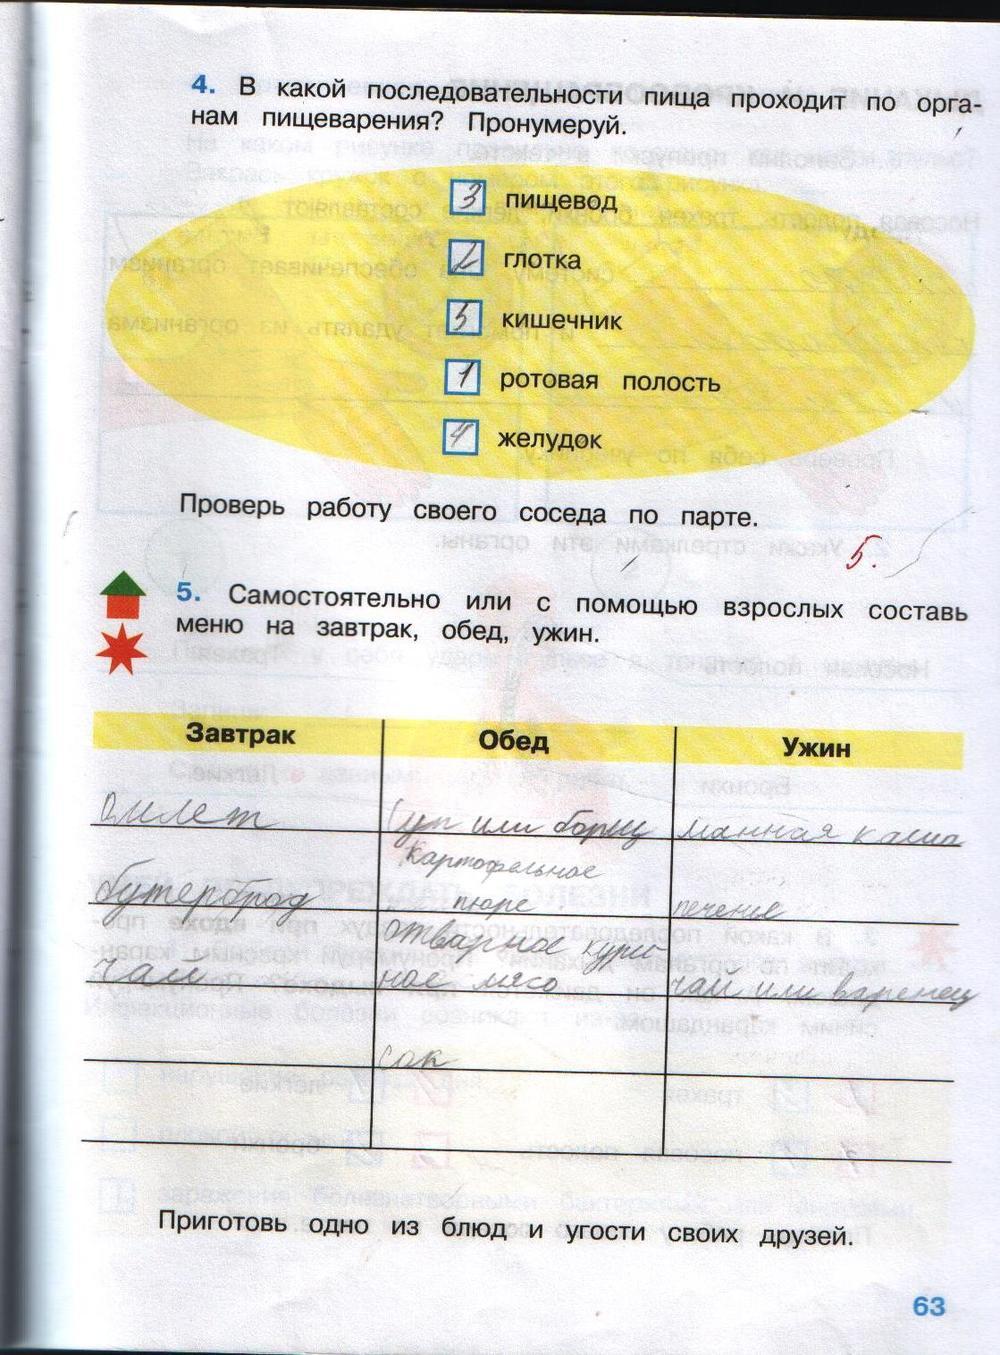 гдз домашнее задание по окружающему миру 3 класс рабочая тетрадь плешаков